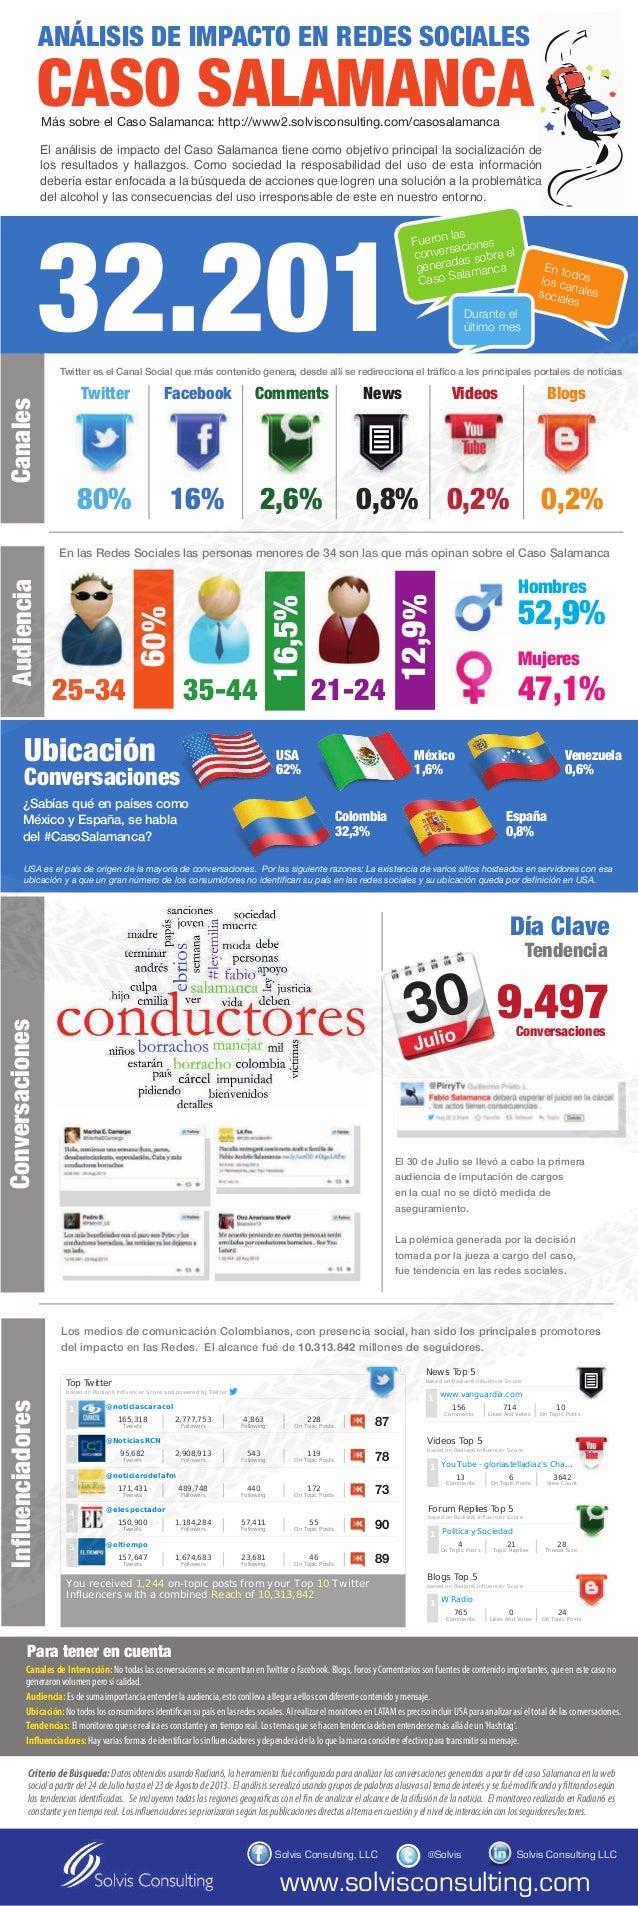 CASO SALAMANCA ANÁLISIS DE IMPACTO EN REDES SOCIALES 32.201 25-34 35-44 21-24 16,5% 12,9% 80% 16% 2,6% 0,8% 0,2% 0,2% Twit...